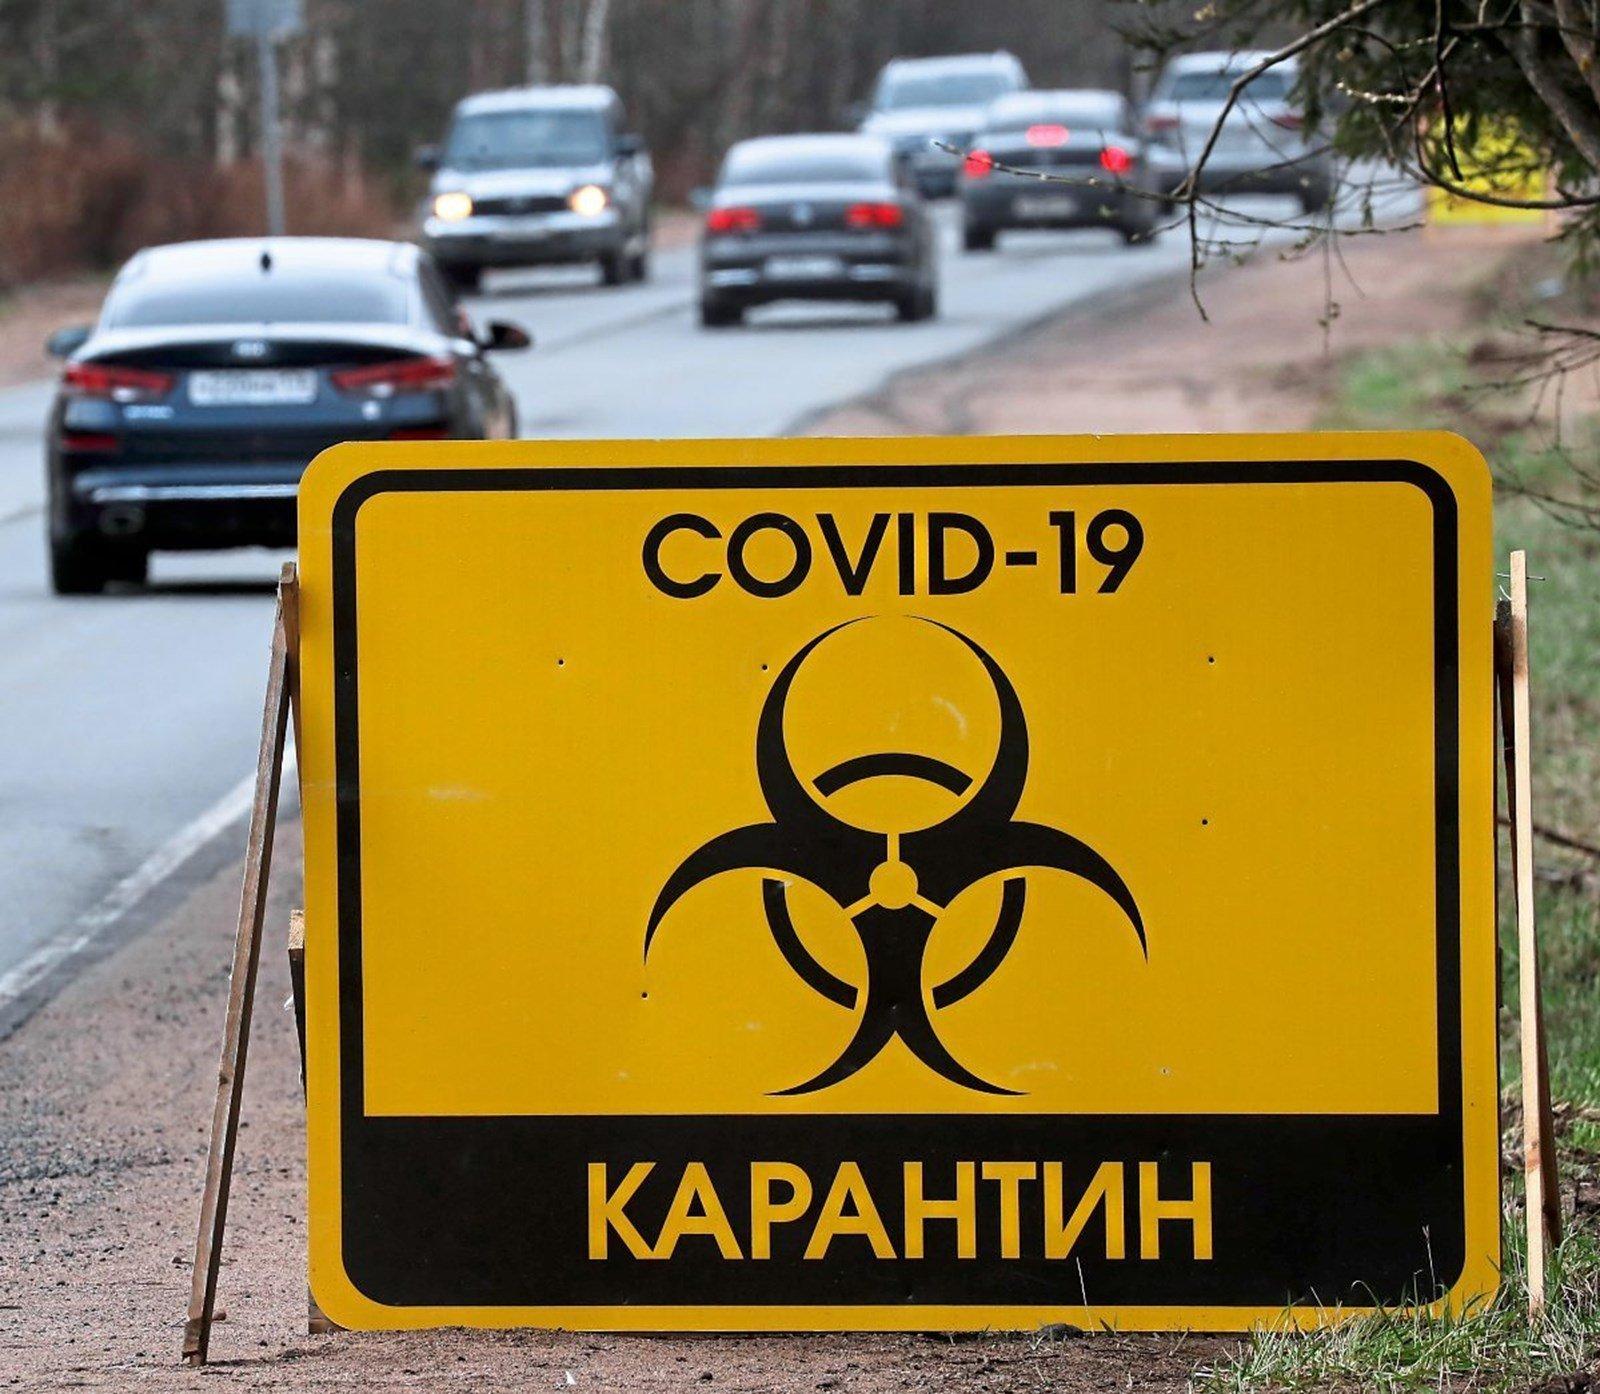 СМИ Австрии: число заражений COVID-19 в России носит взрывной характер